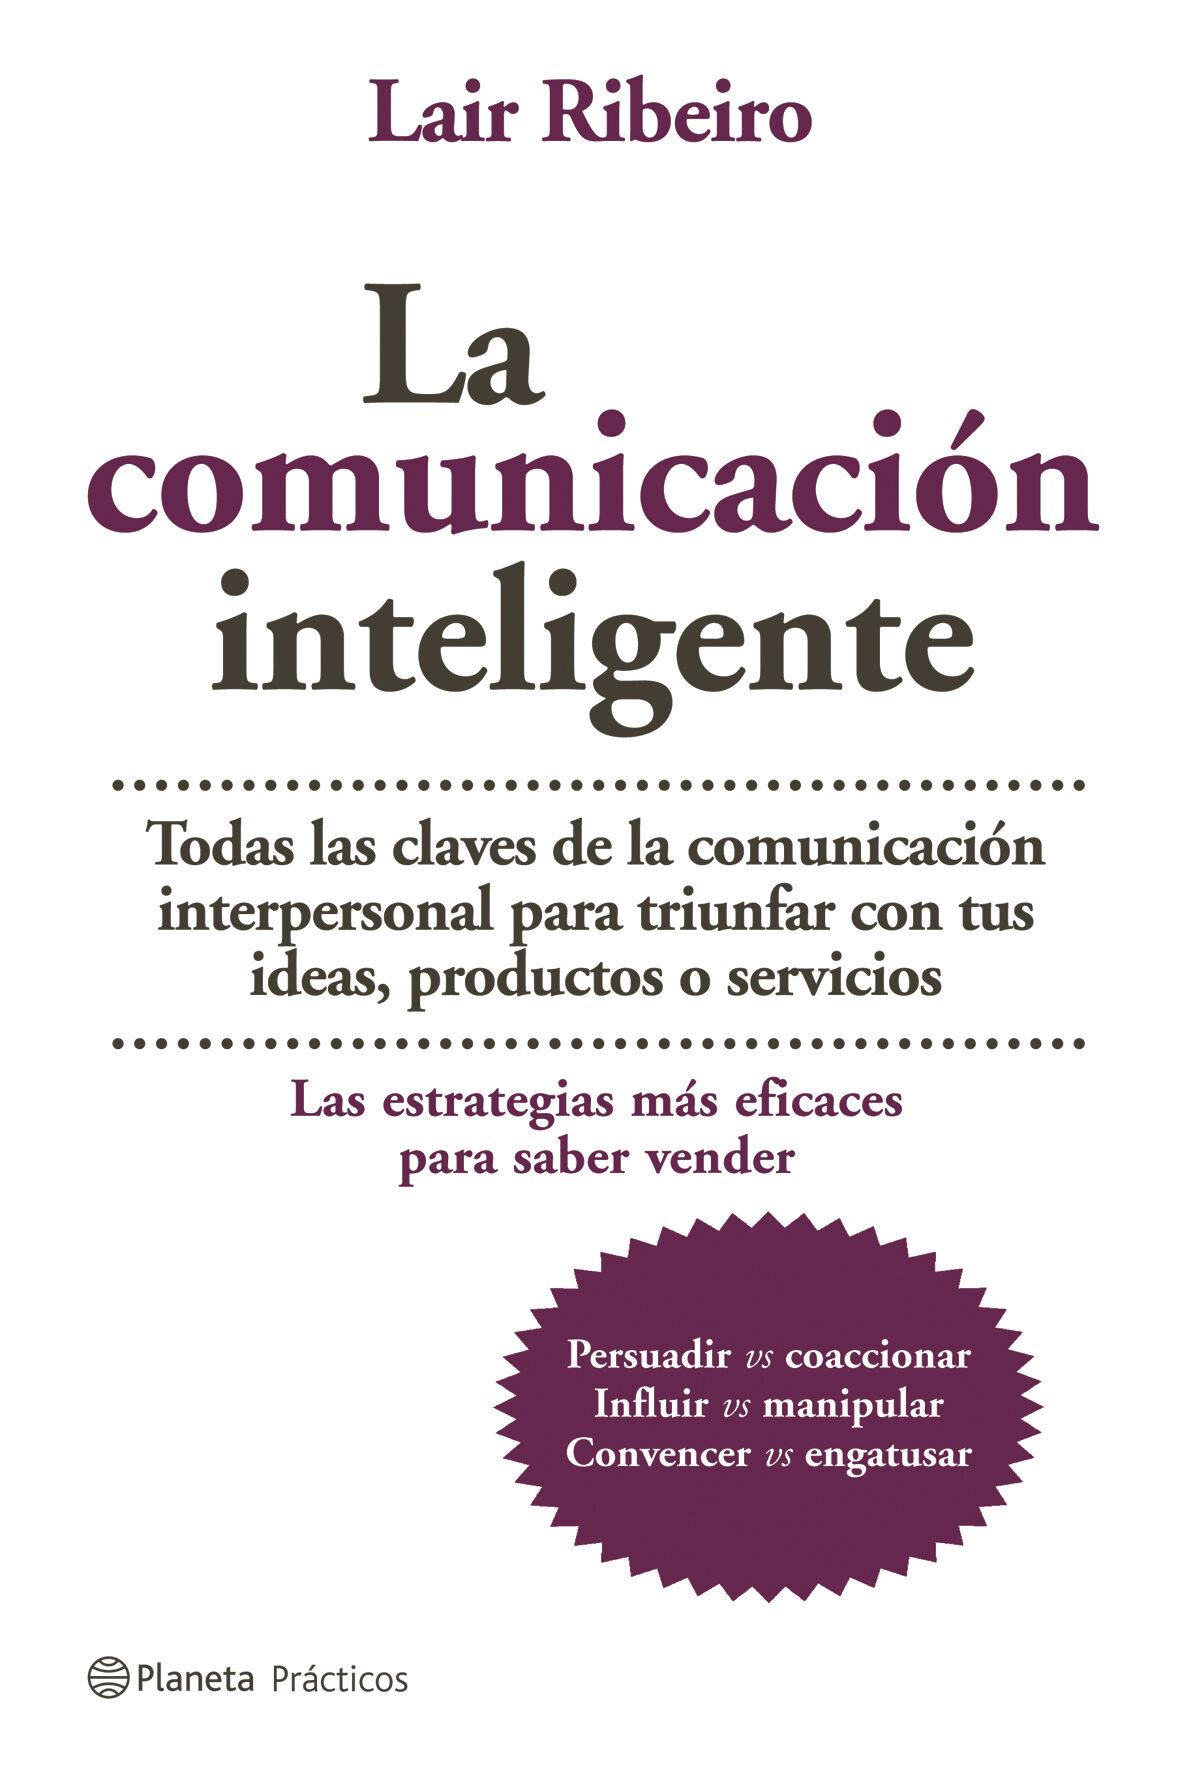 La Comunicacion Inteligente: Todas Las Claves De La Comunicacion Interpersonal Para Triungar Con Tus Ideas, Productos O Servicios por Lair Ribeiro epub